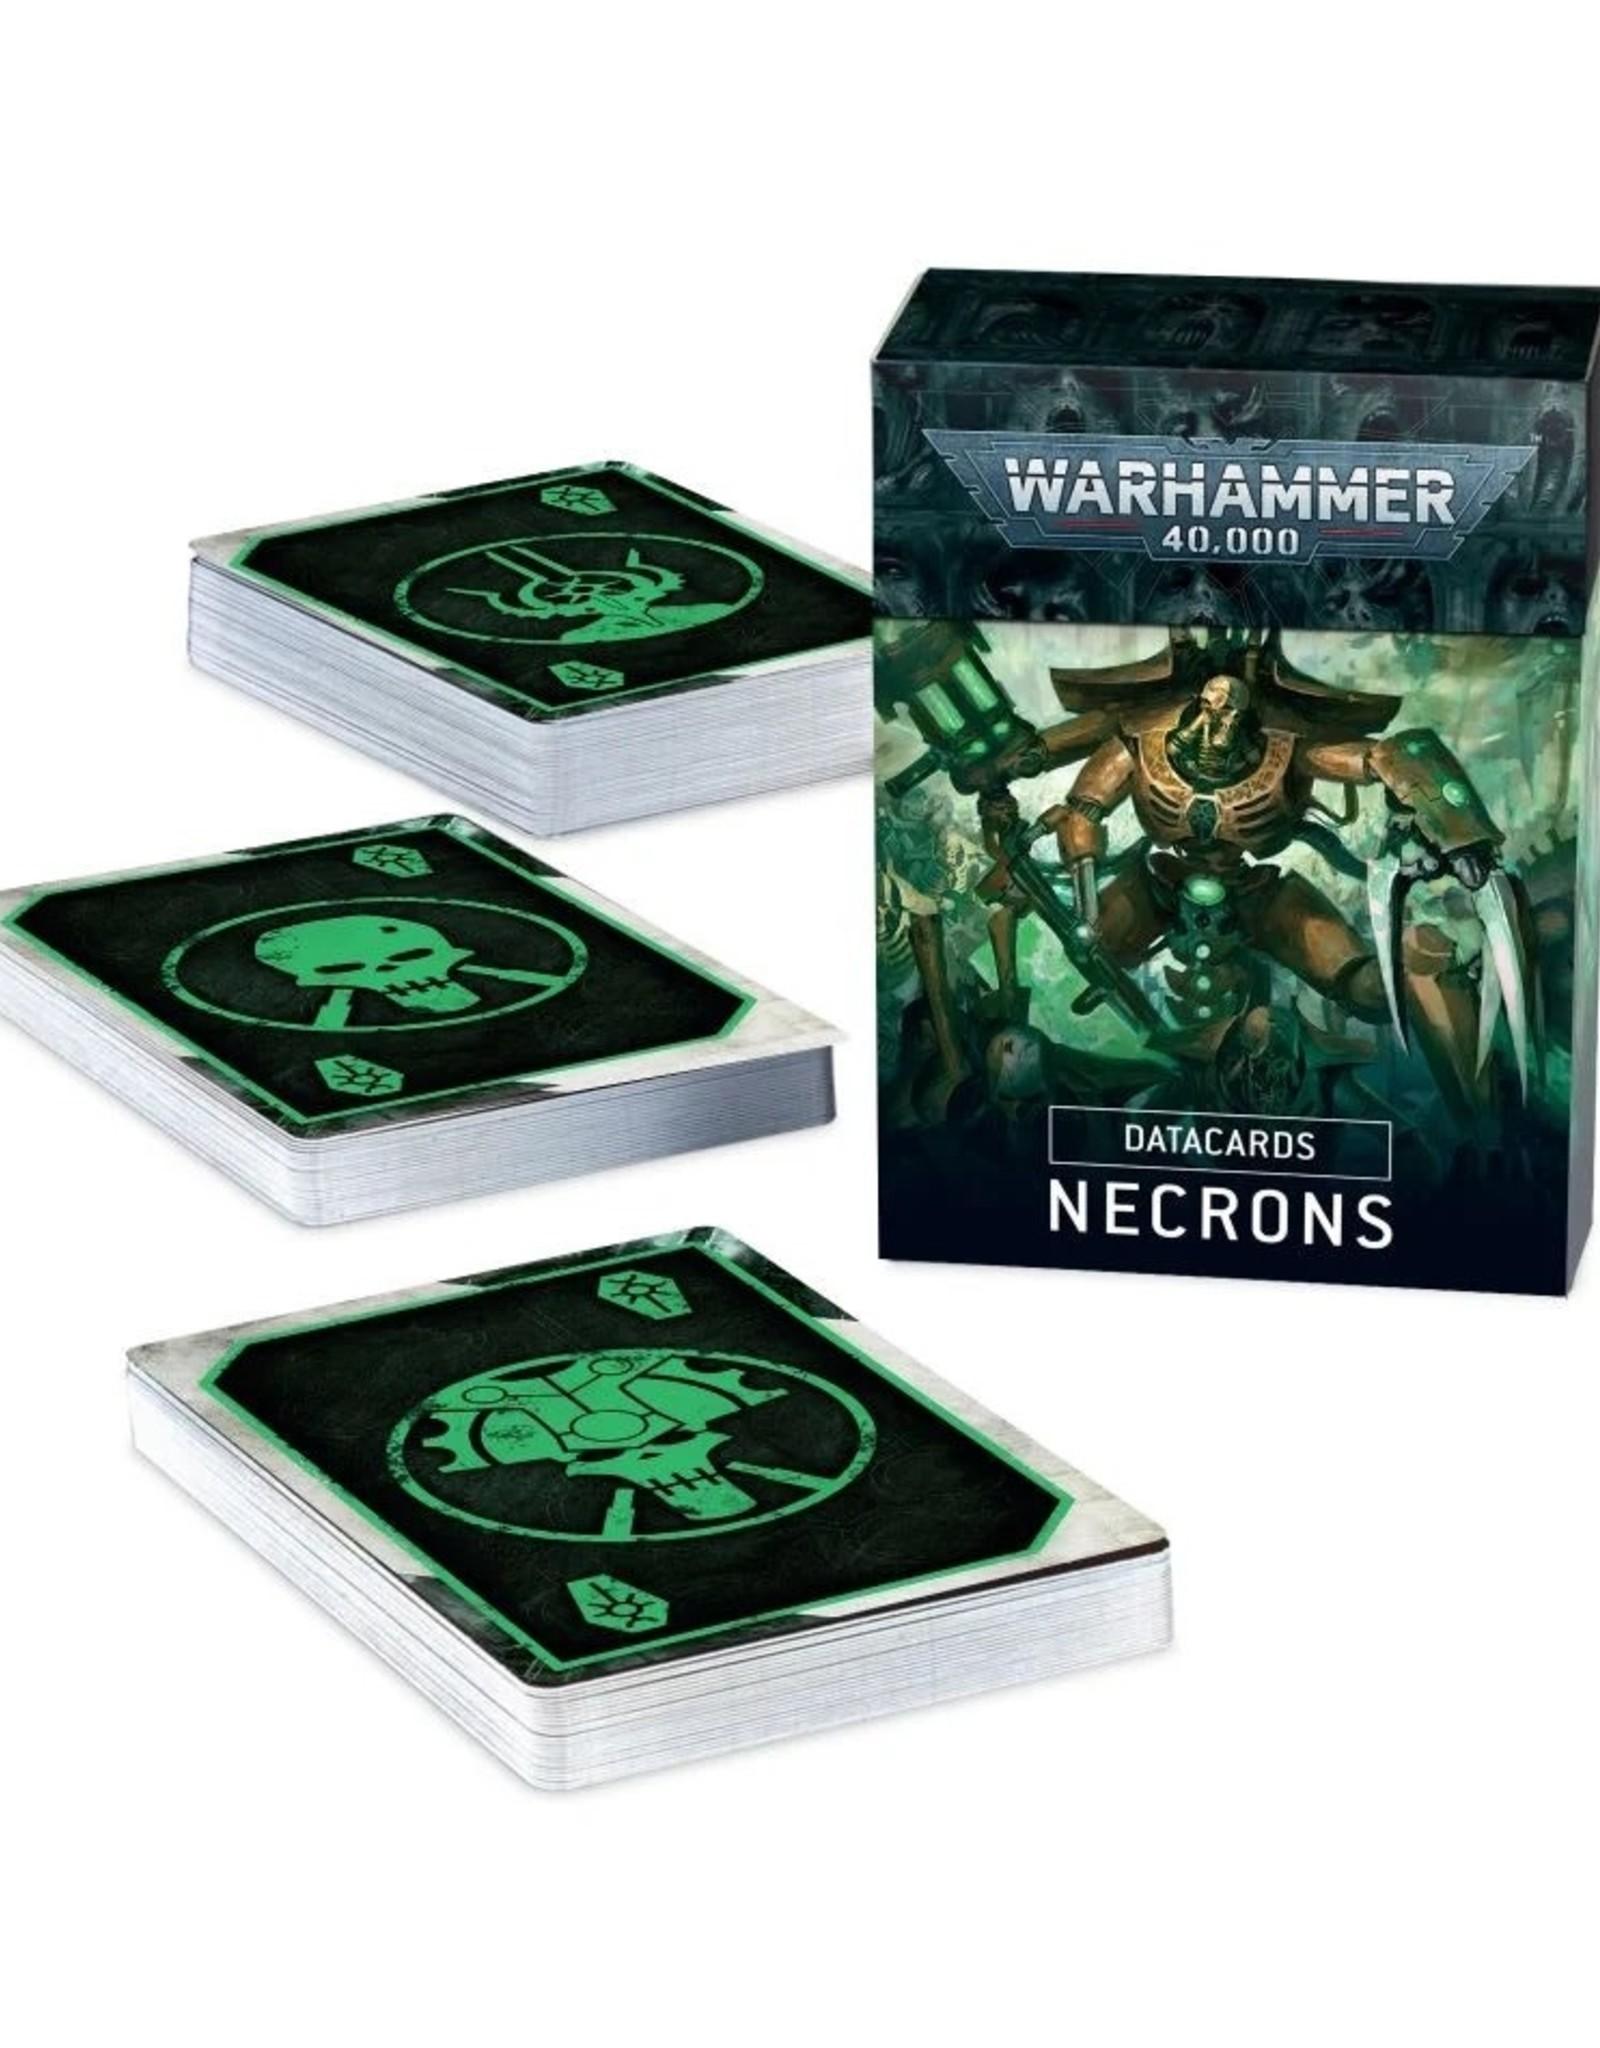 Games Workshop Warhammer 40k: DATACARDS: NECRONS